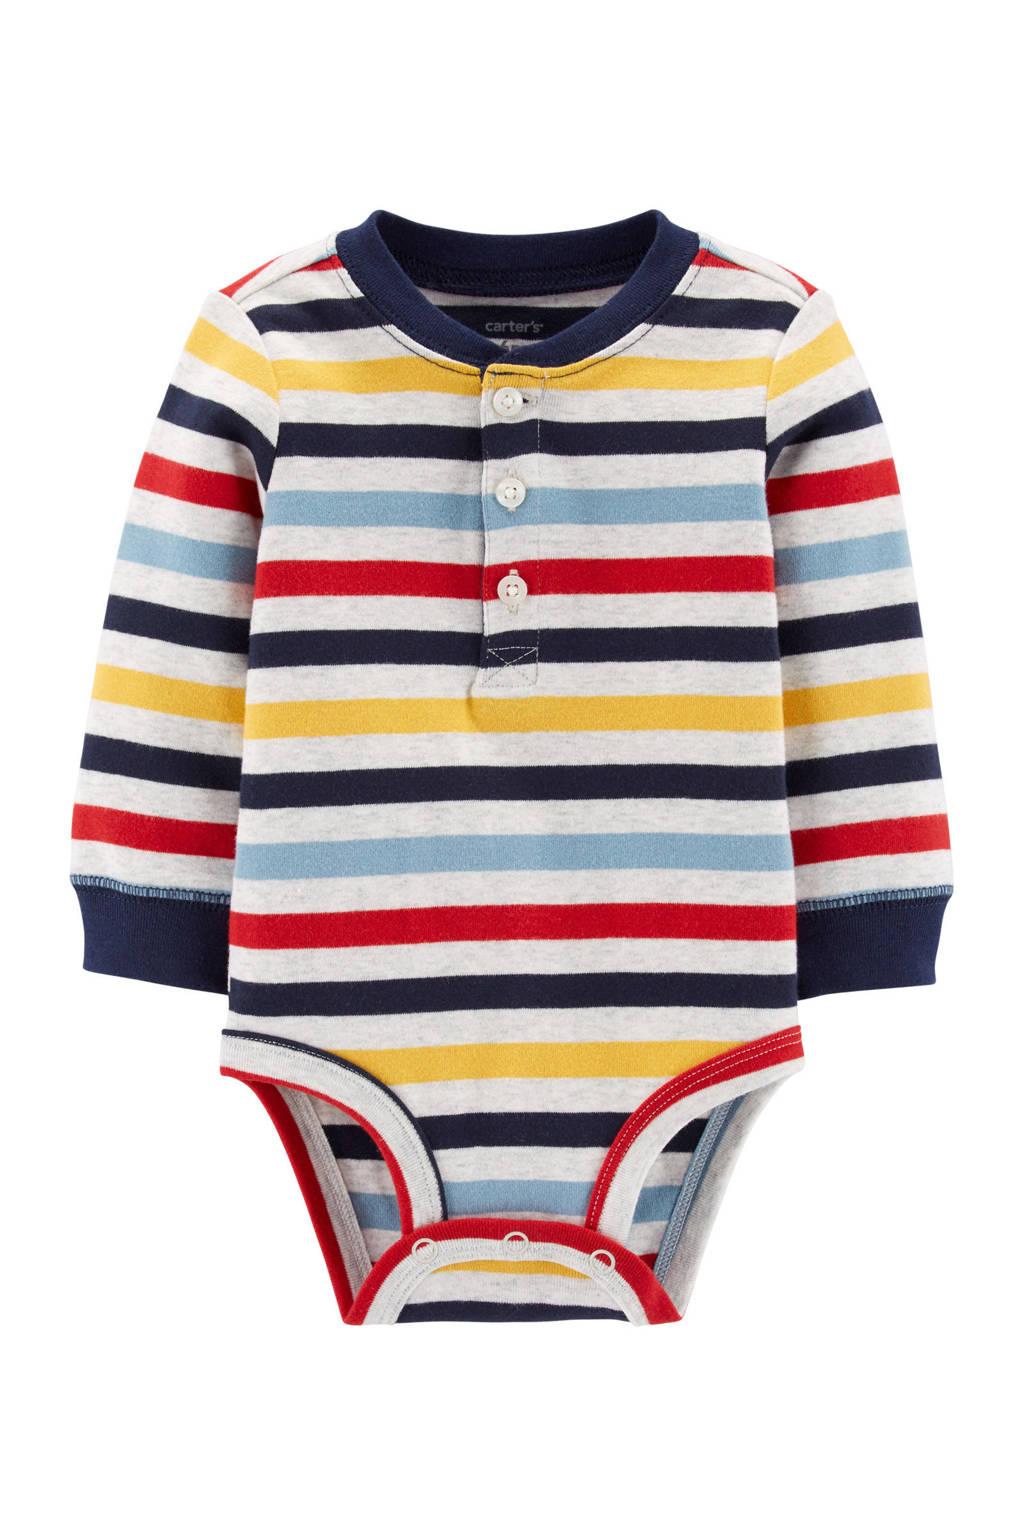 Carter's baby gestreepte romper grijs, Grijs/rood/blauw